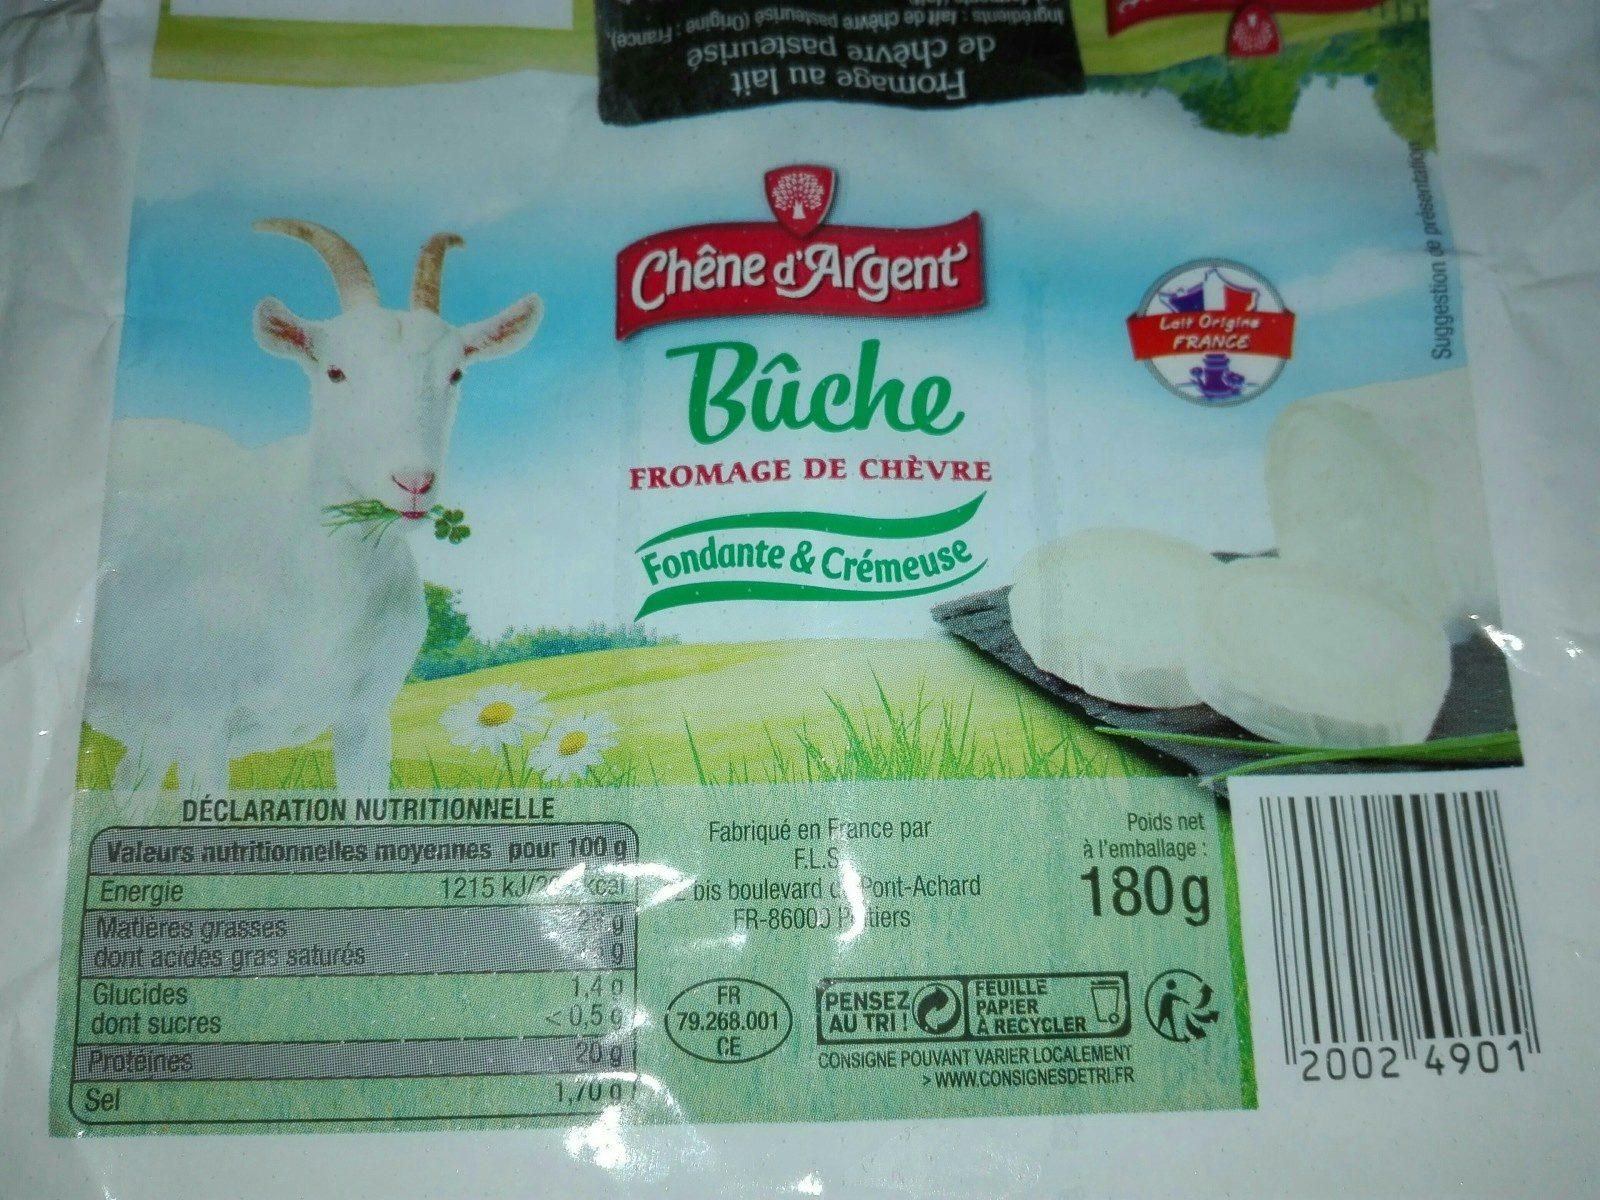 Bûche fromage de chèvre - Ingredientes - fr